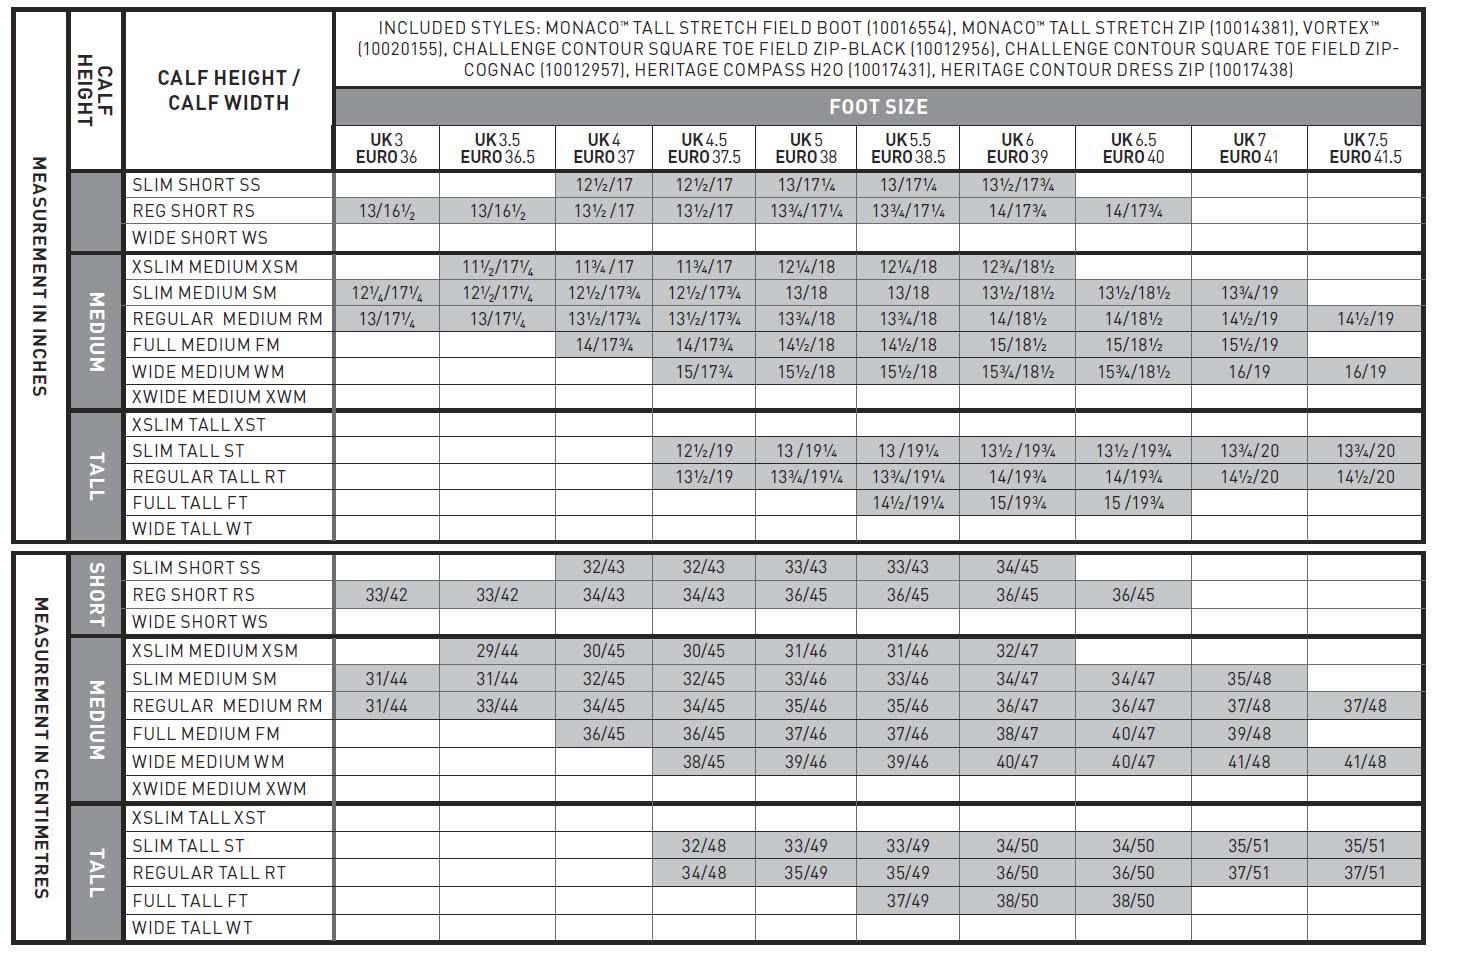 Vortex-Tabelle